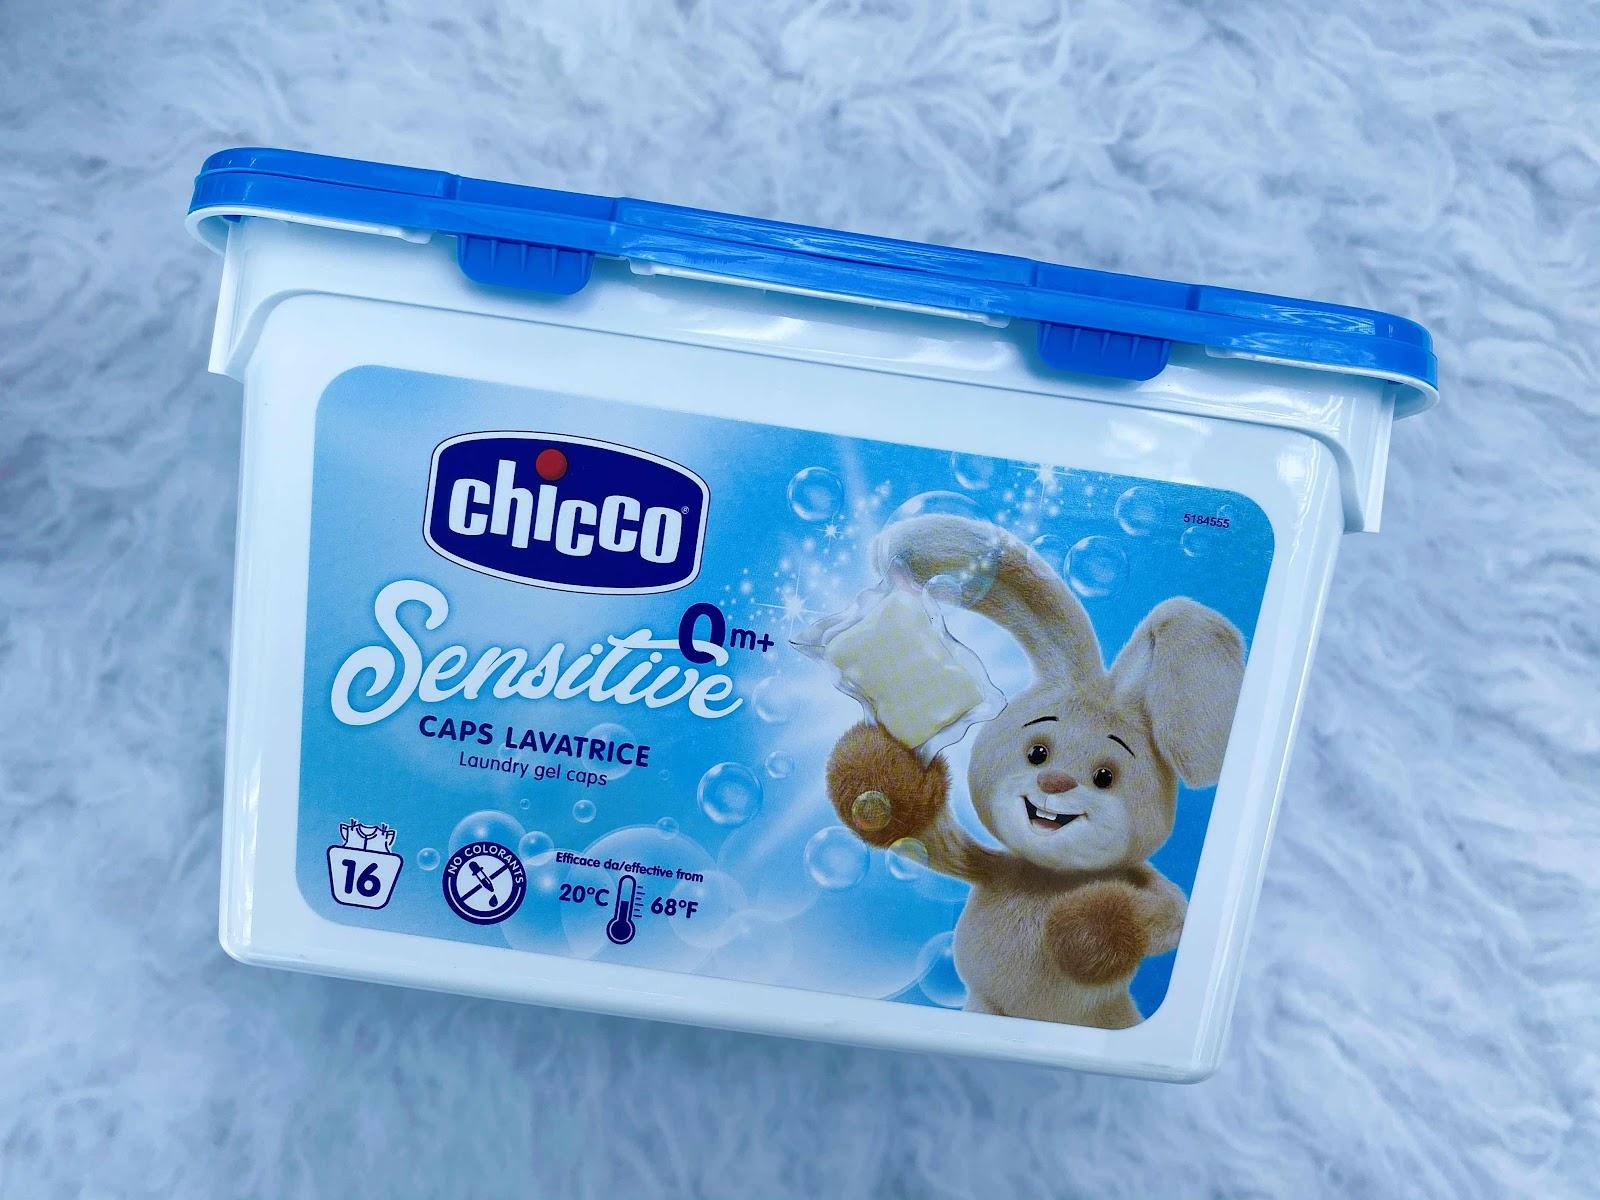 【士多與寶寶】嬰兒好物分享,Chicco超濃縮洗衣球